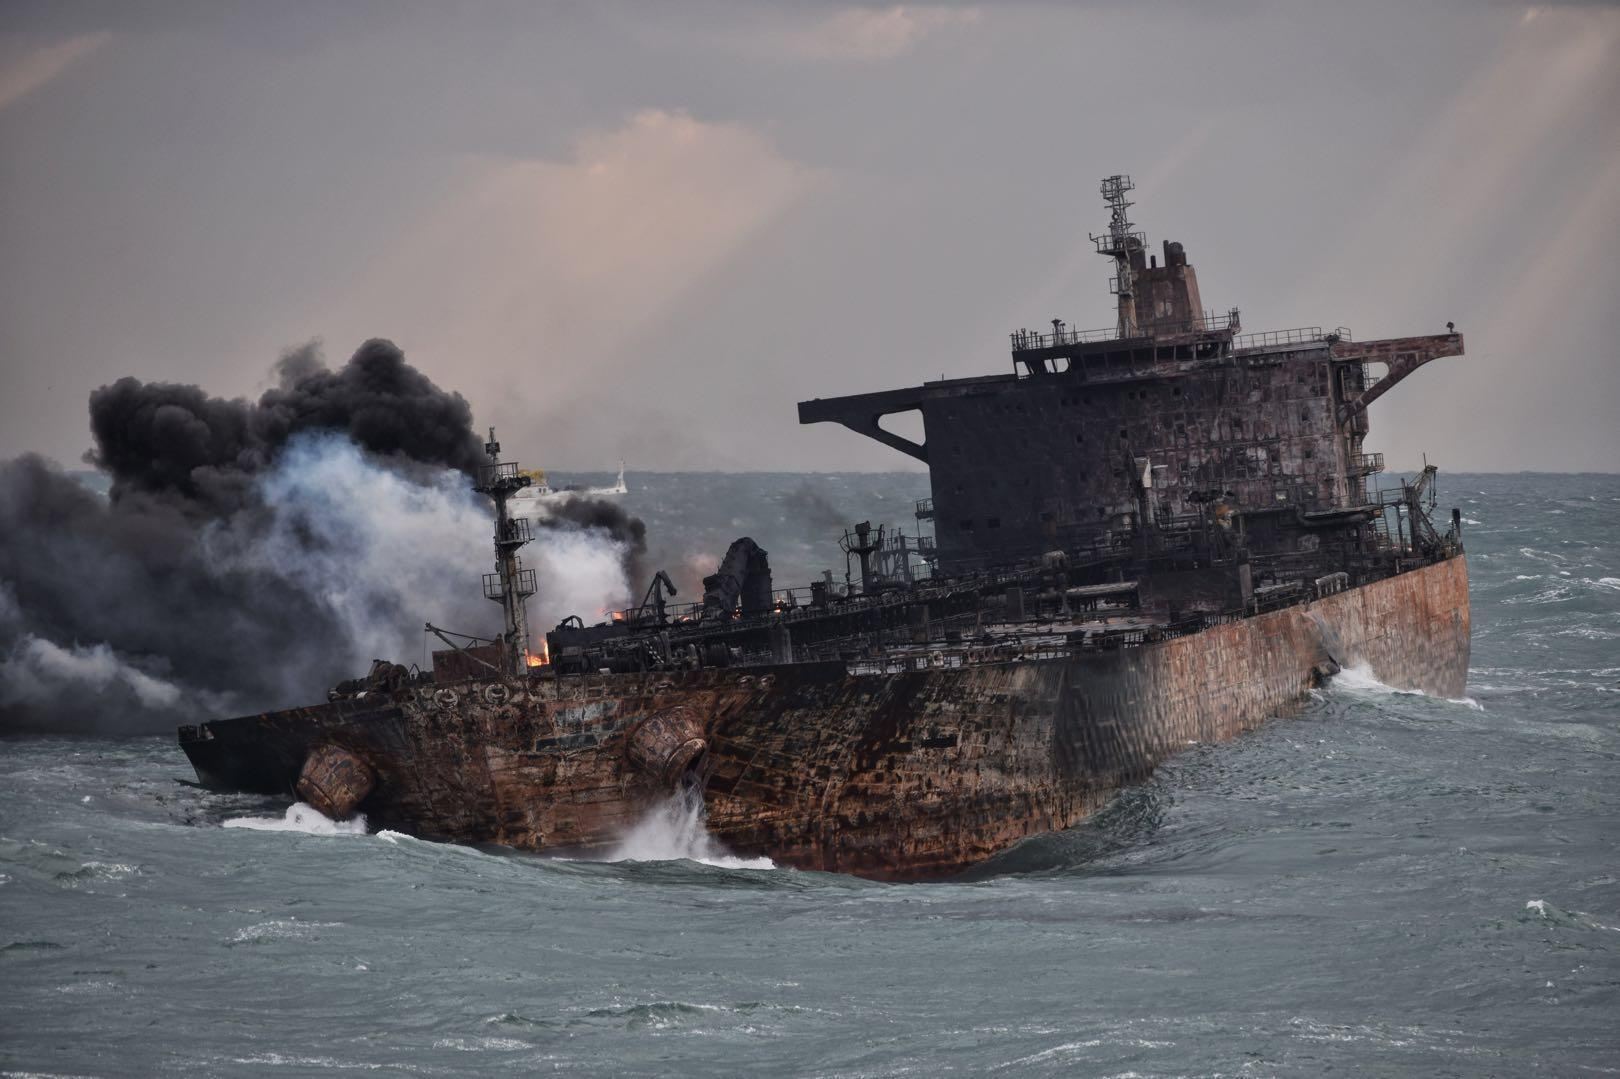 چینی ها هیچ کارشکنی نداشته اند/ کشتی «سانچی» ثبت پاناماست/ نماینده ایران از کشتی چینی بازدید کرده است